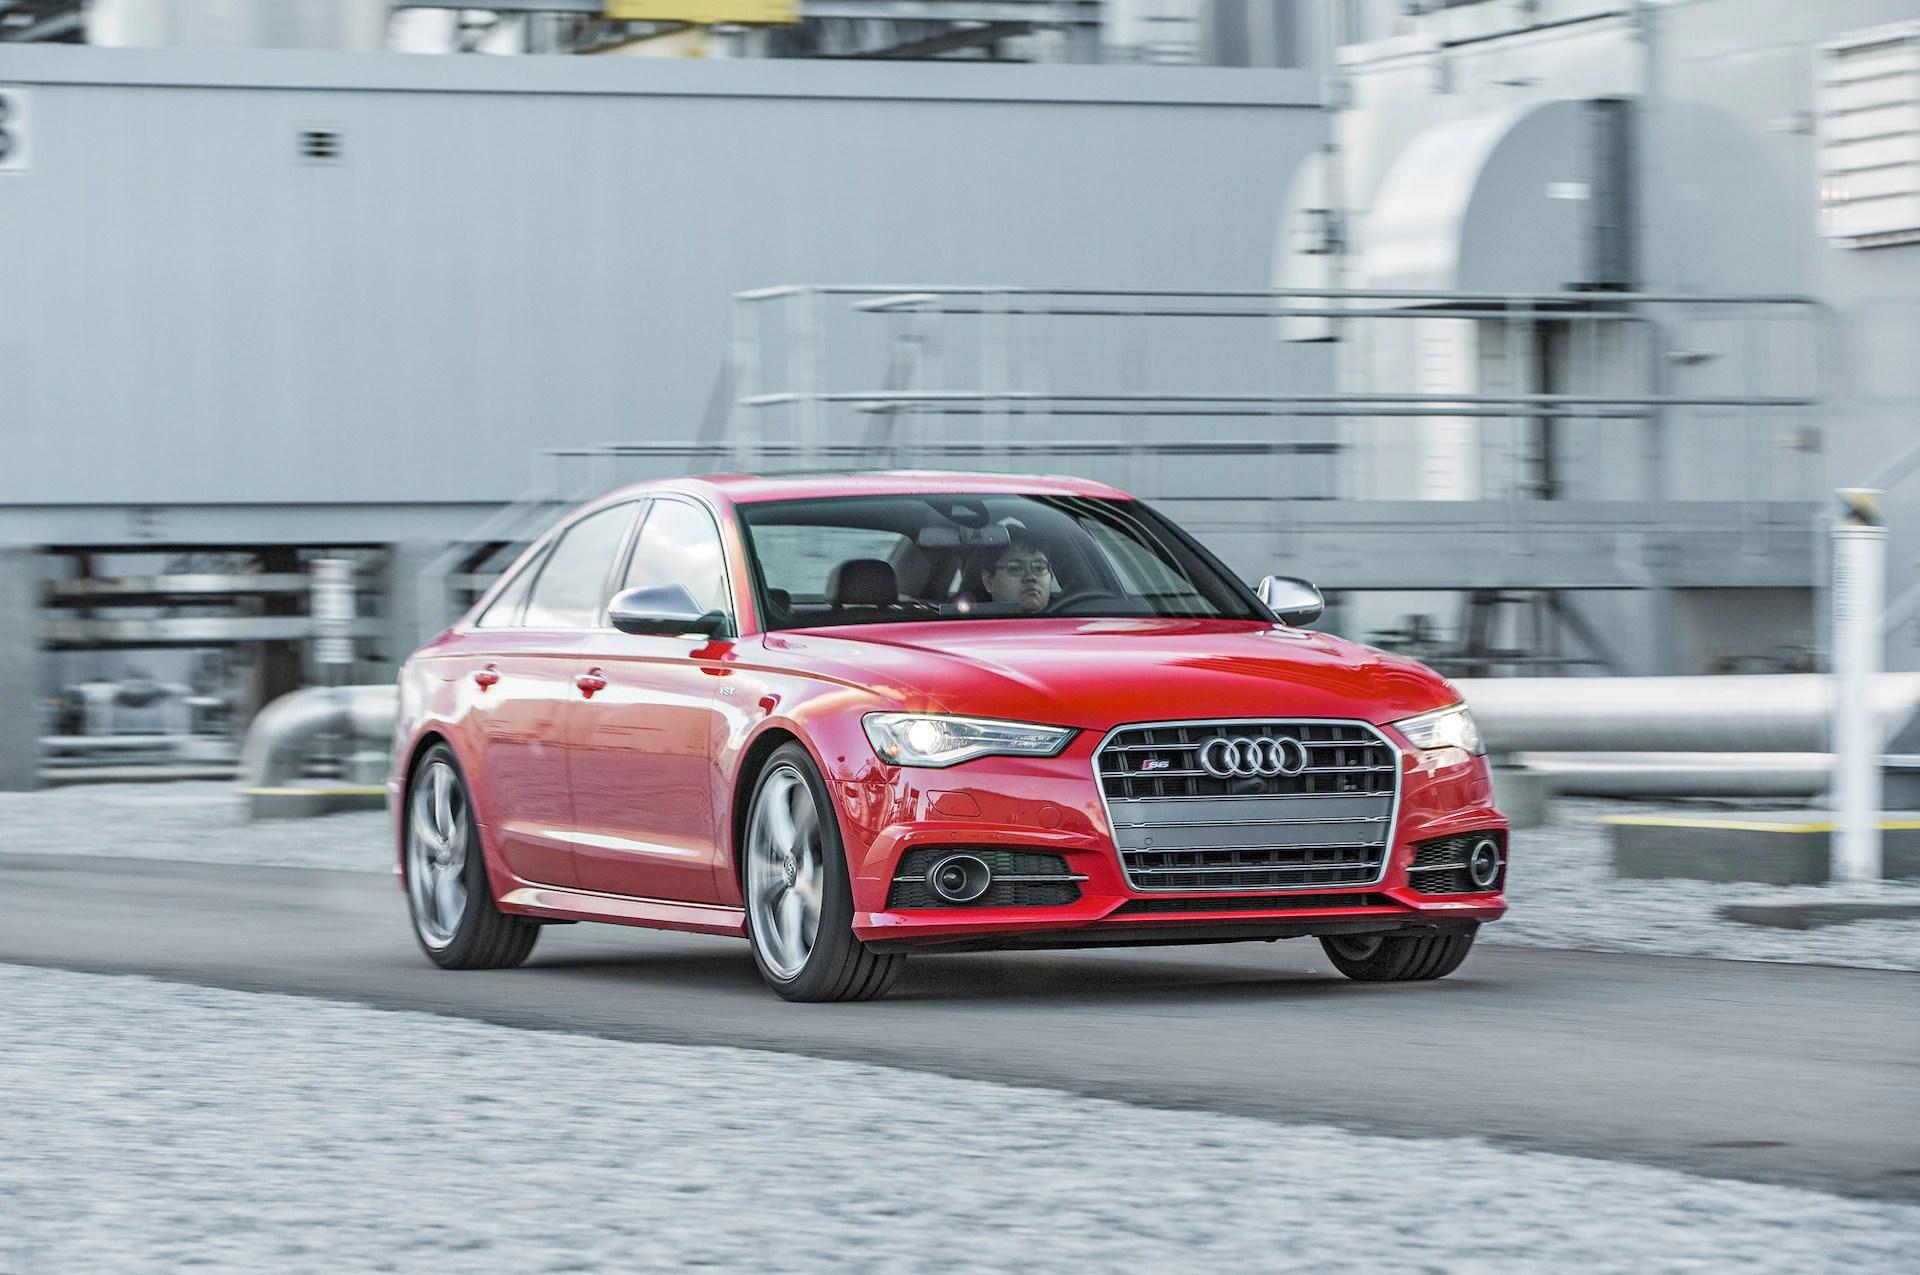 2016 Audi S6 40T Quattro front three quarter in motion